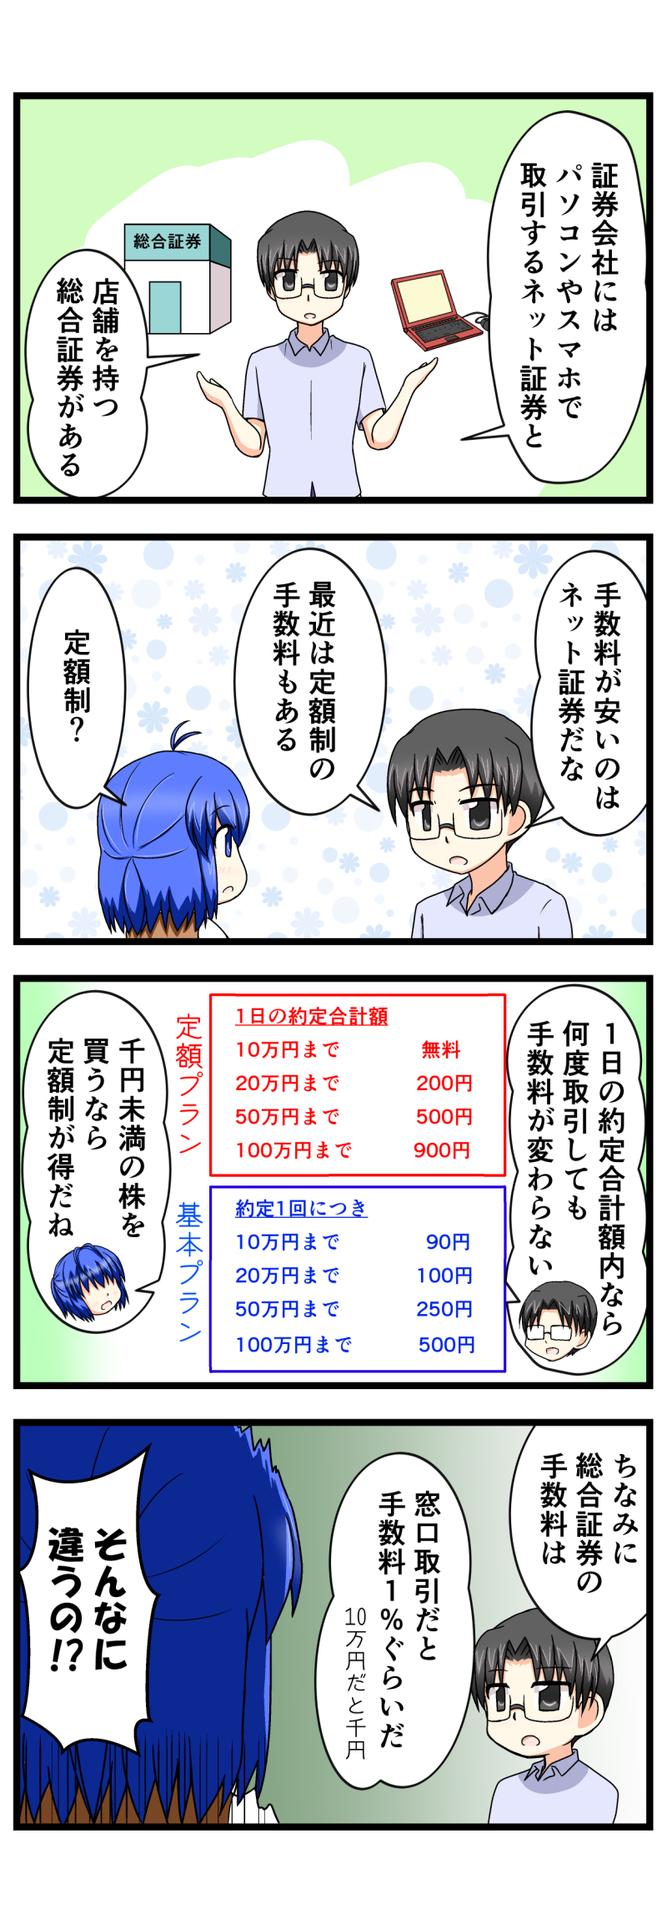 萌える株セミナー68.jpg